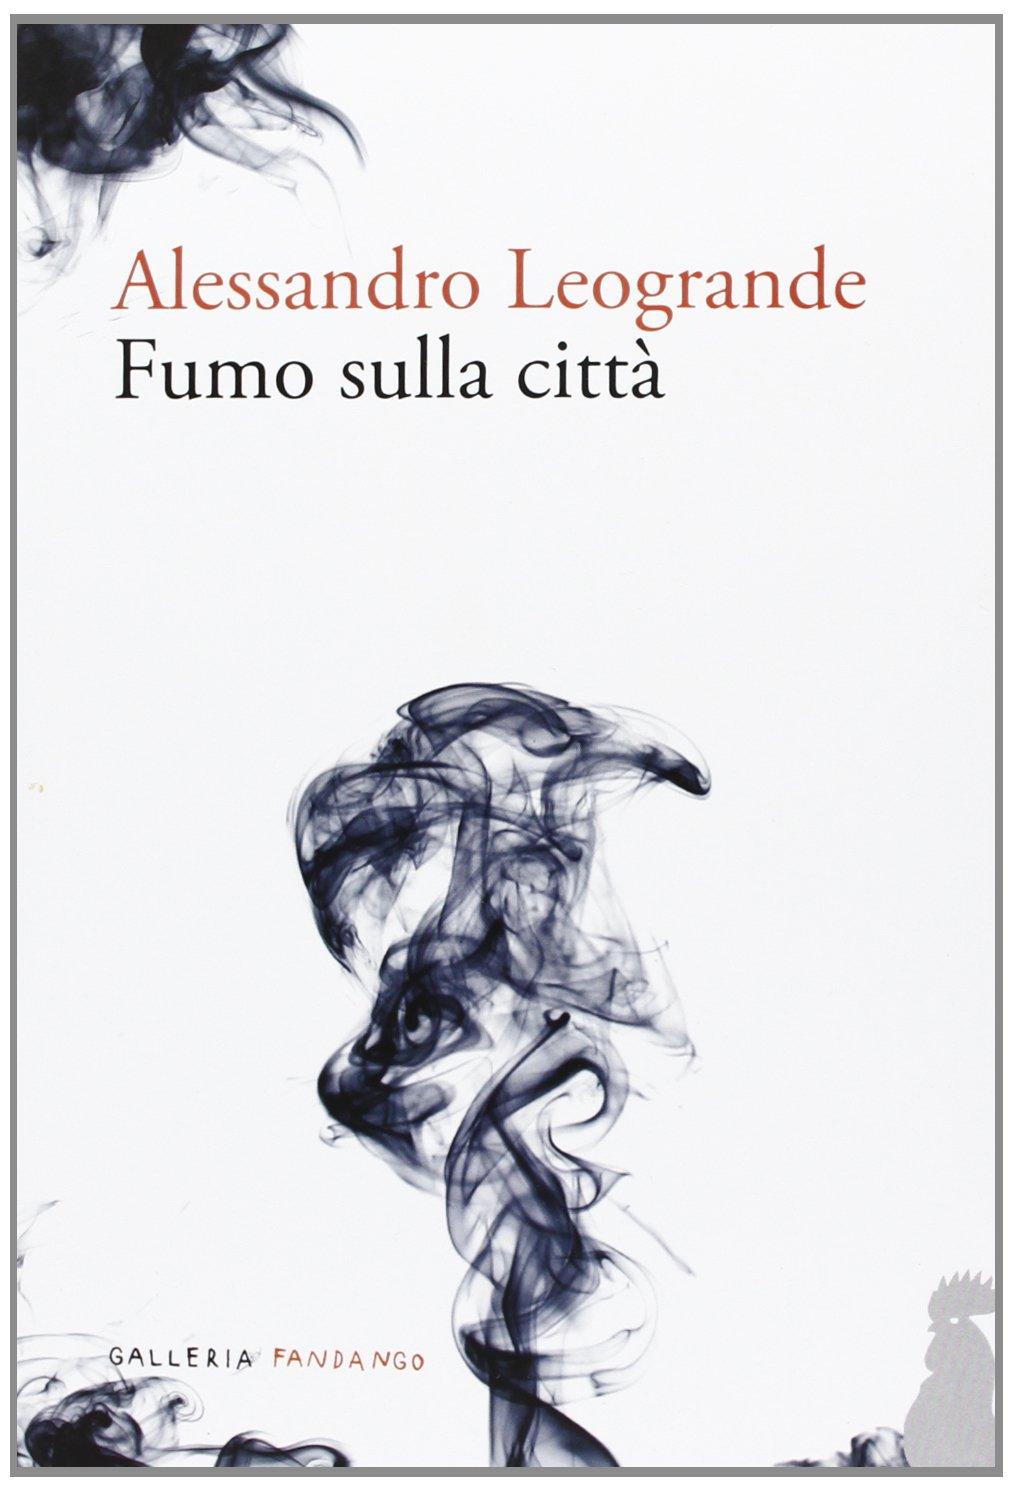 Alessandro Leogrande, Fumo sulla città (2013)